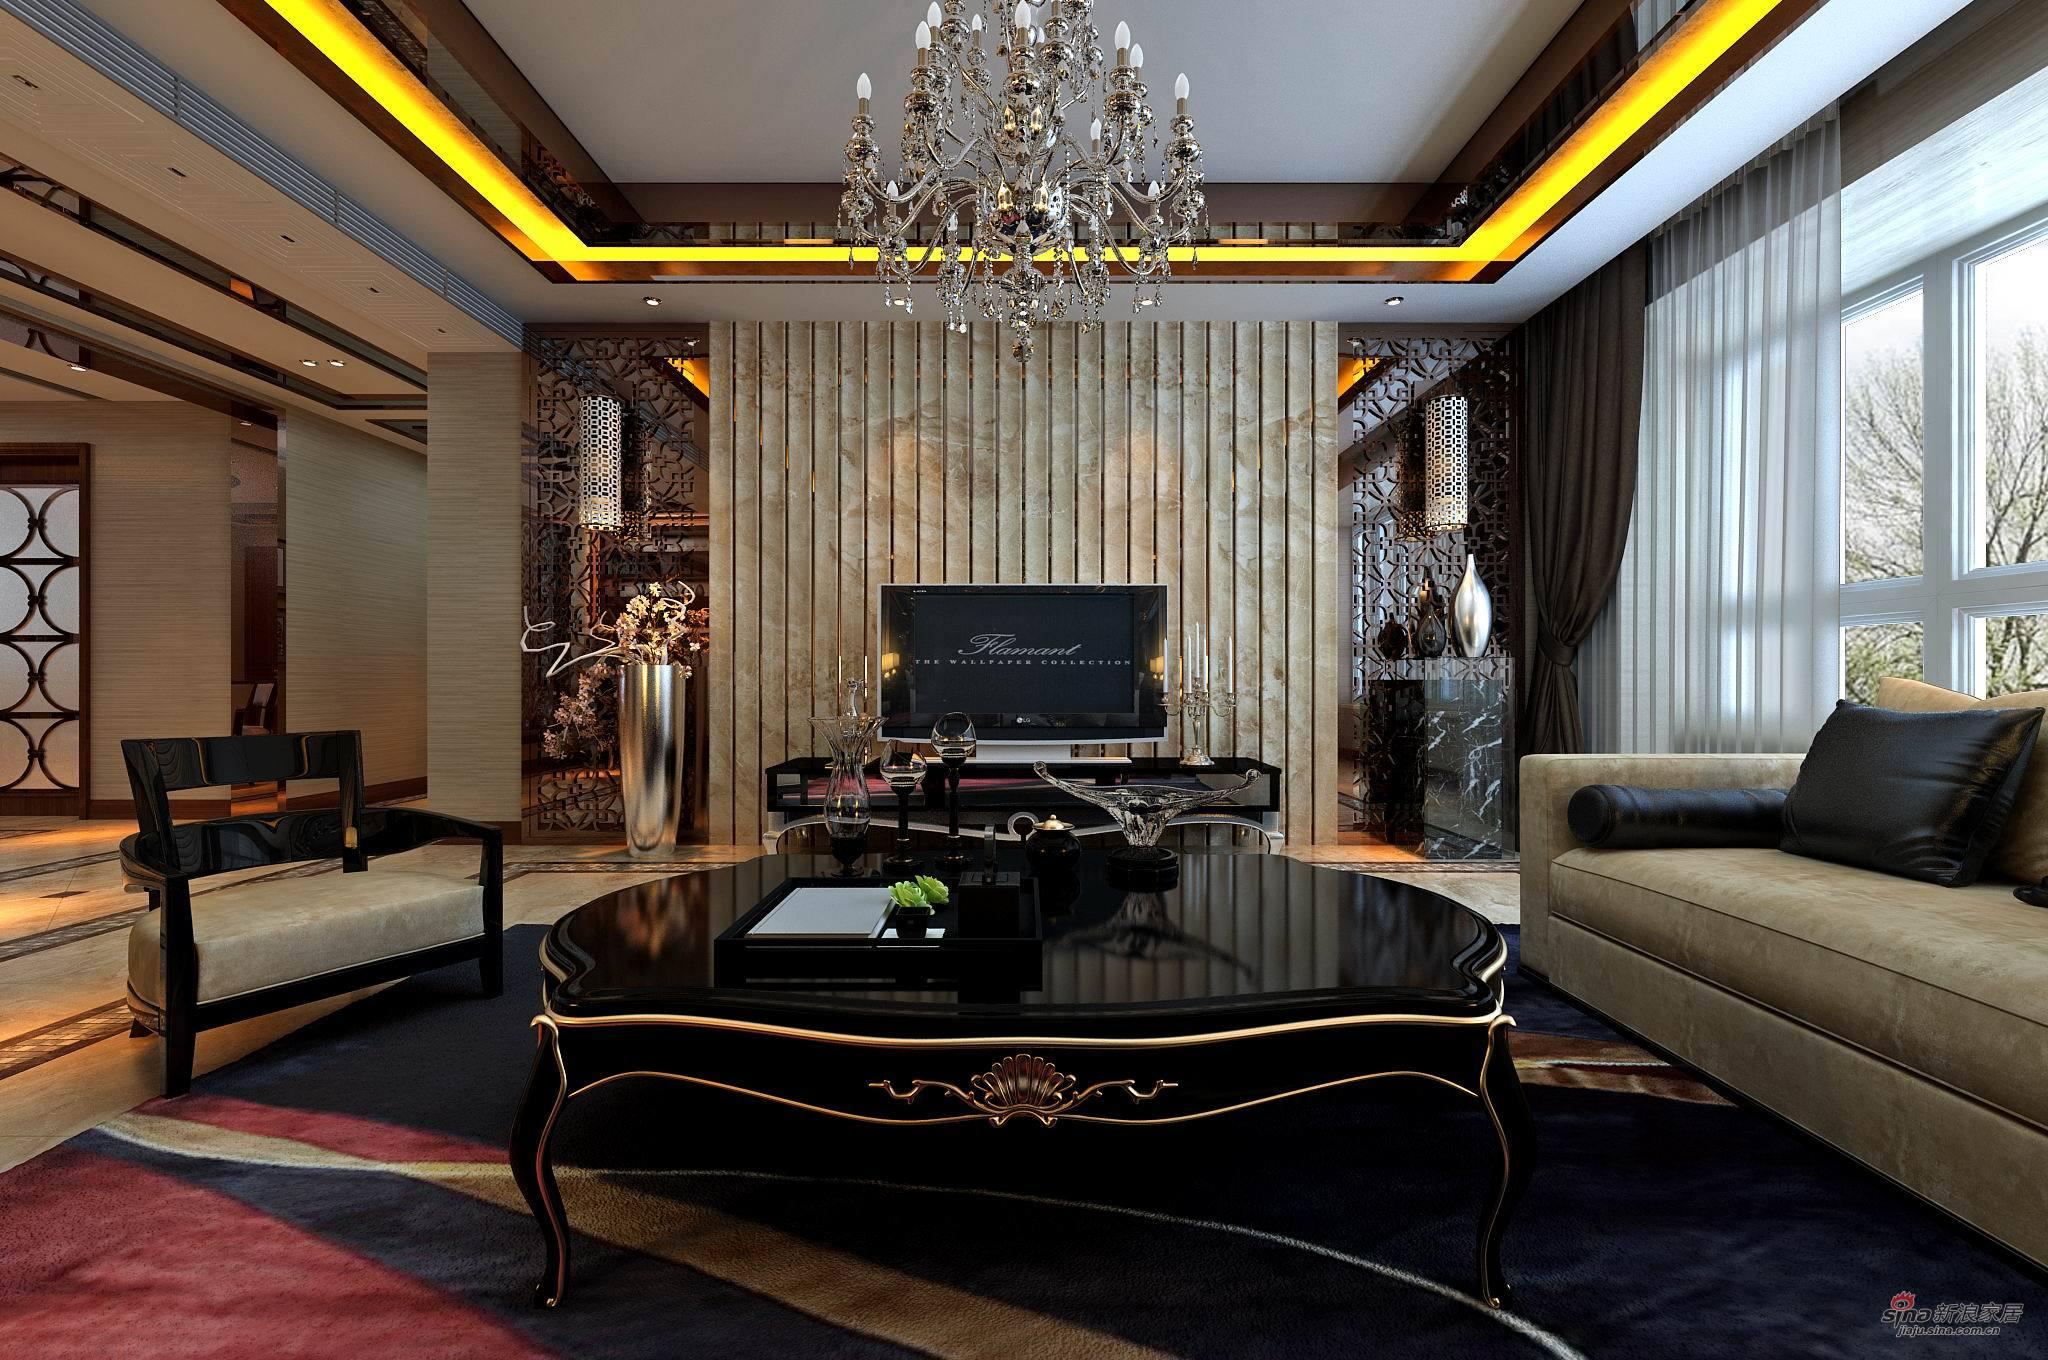 其他 其他 客厅图片来自用户2558746857在【高清】打造低调奢华中的温存浪漫30的分享